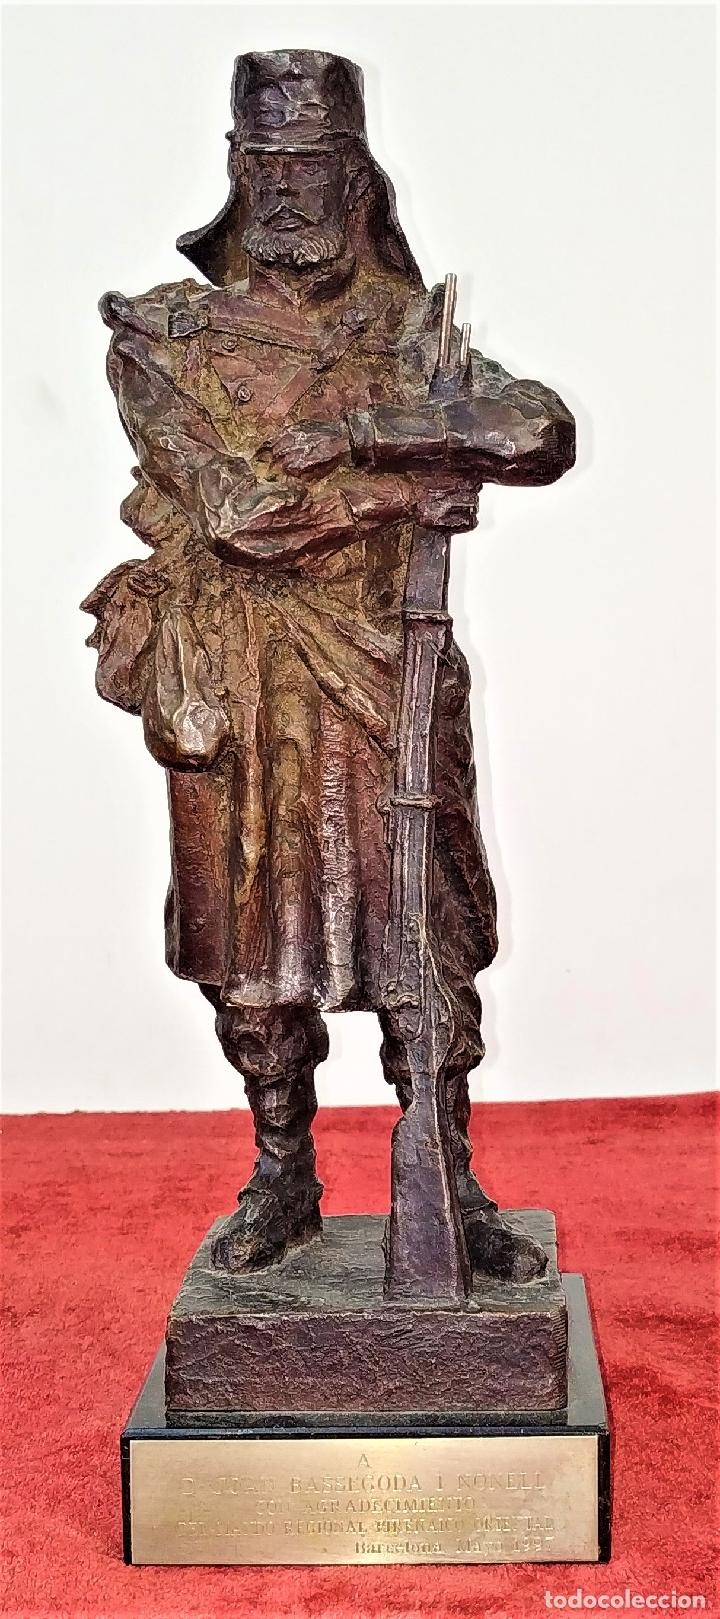 SOLDADO CAZADOR. RESINA CON ACABADO COBRE. L. SÁNCHEZ. ESPAÑA. SIGLO XX (Arte - Escultura - Resina)